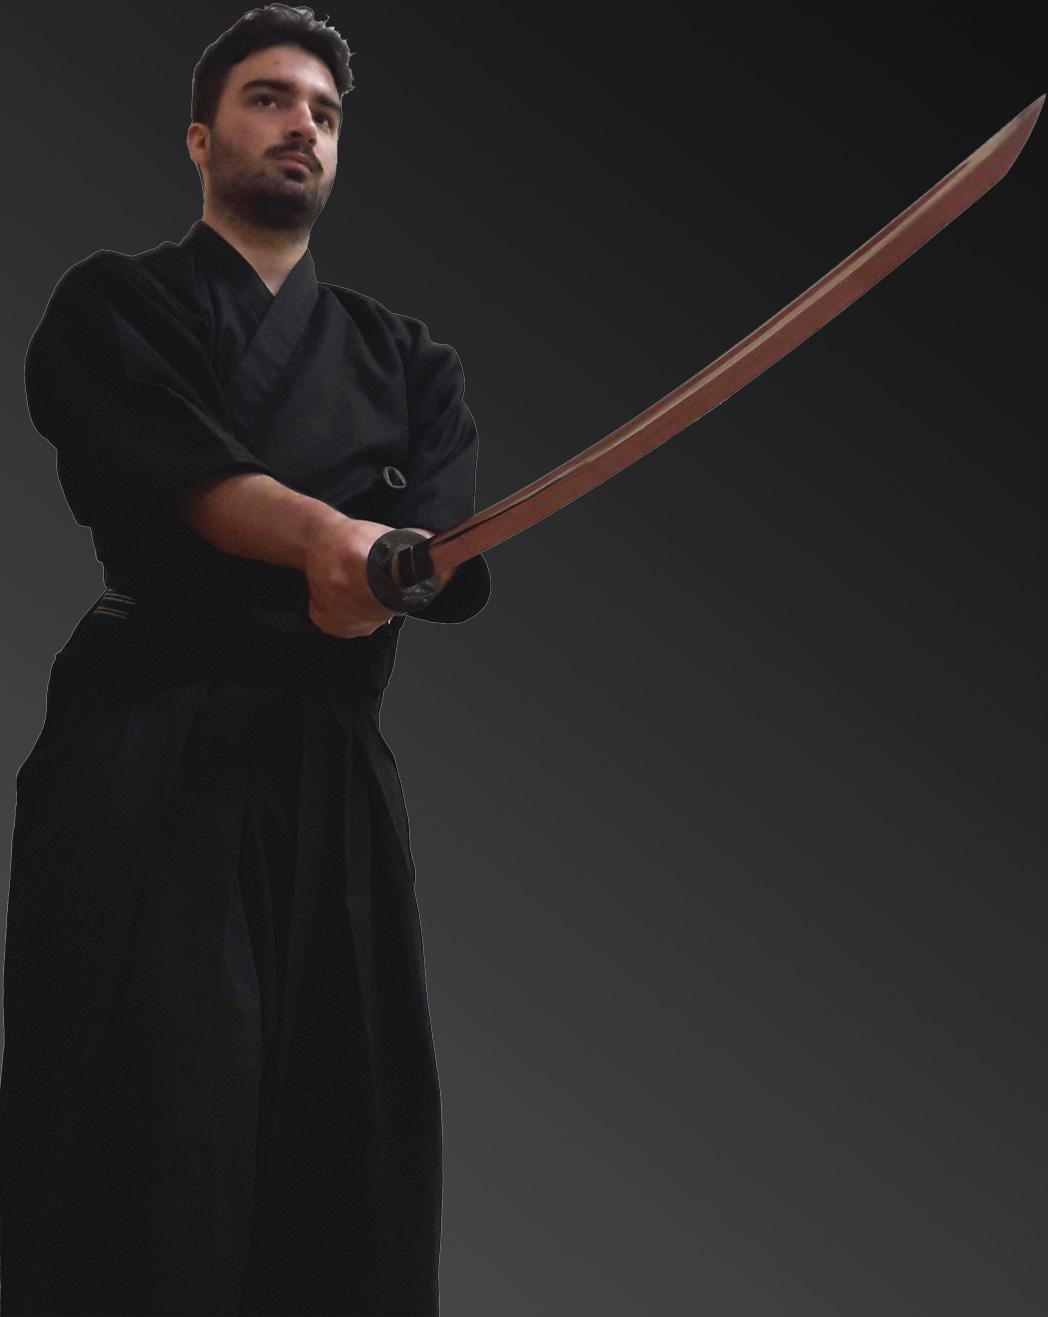 Martial arts - sword